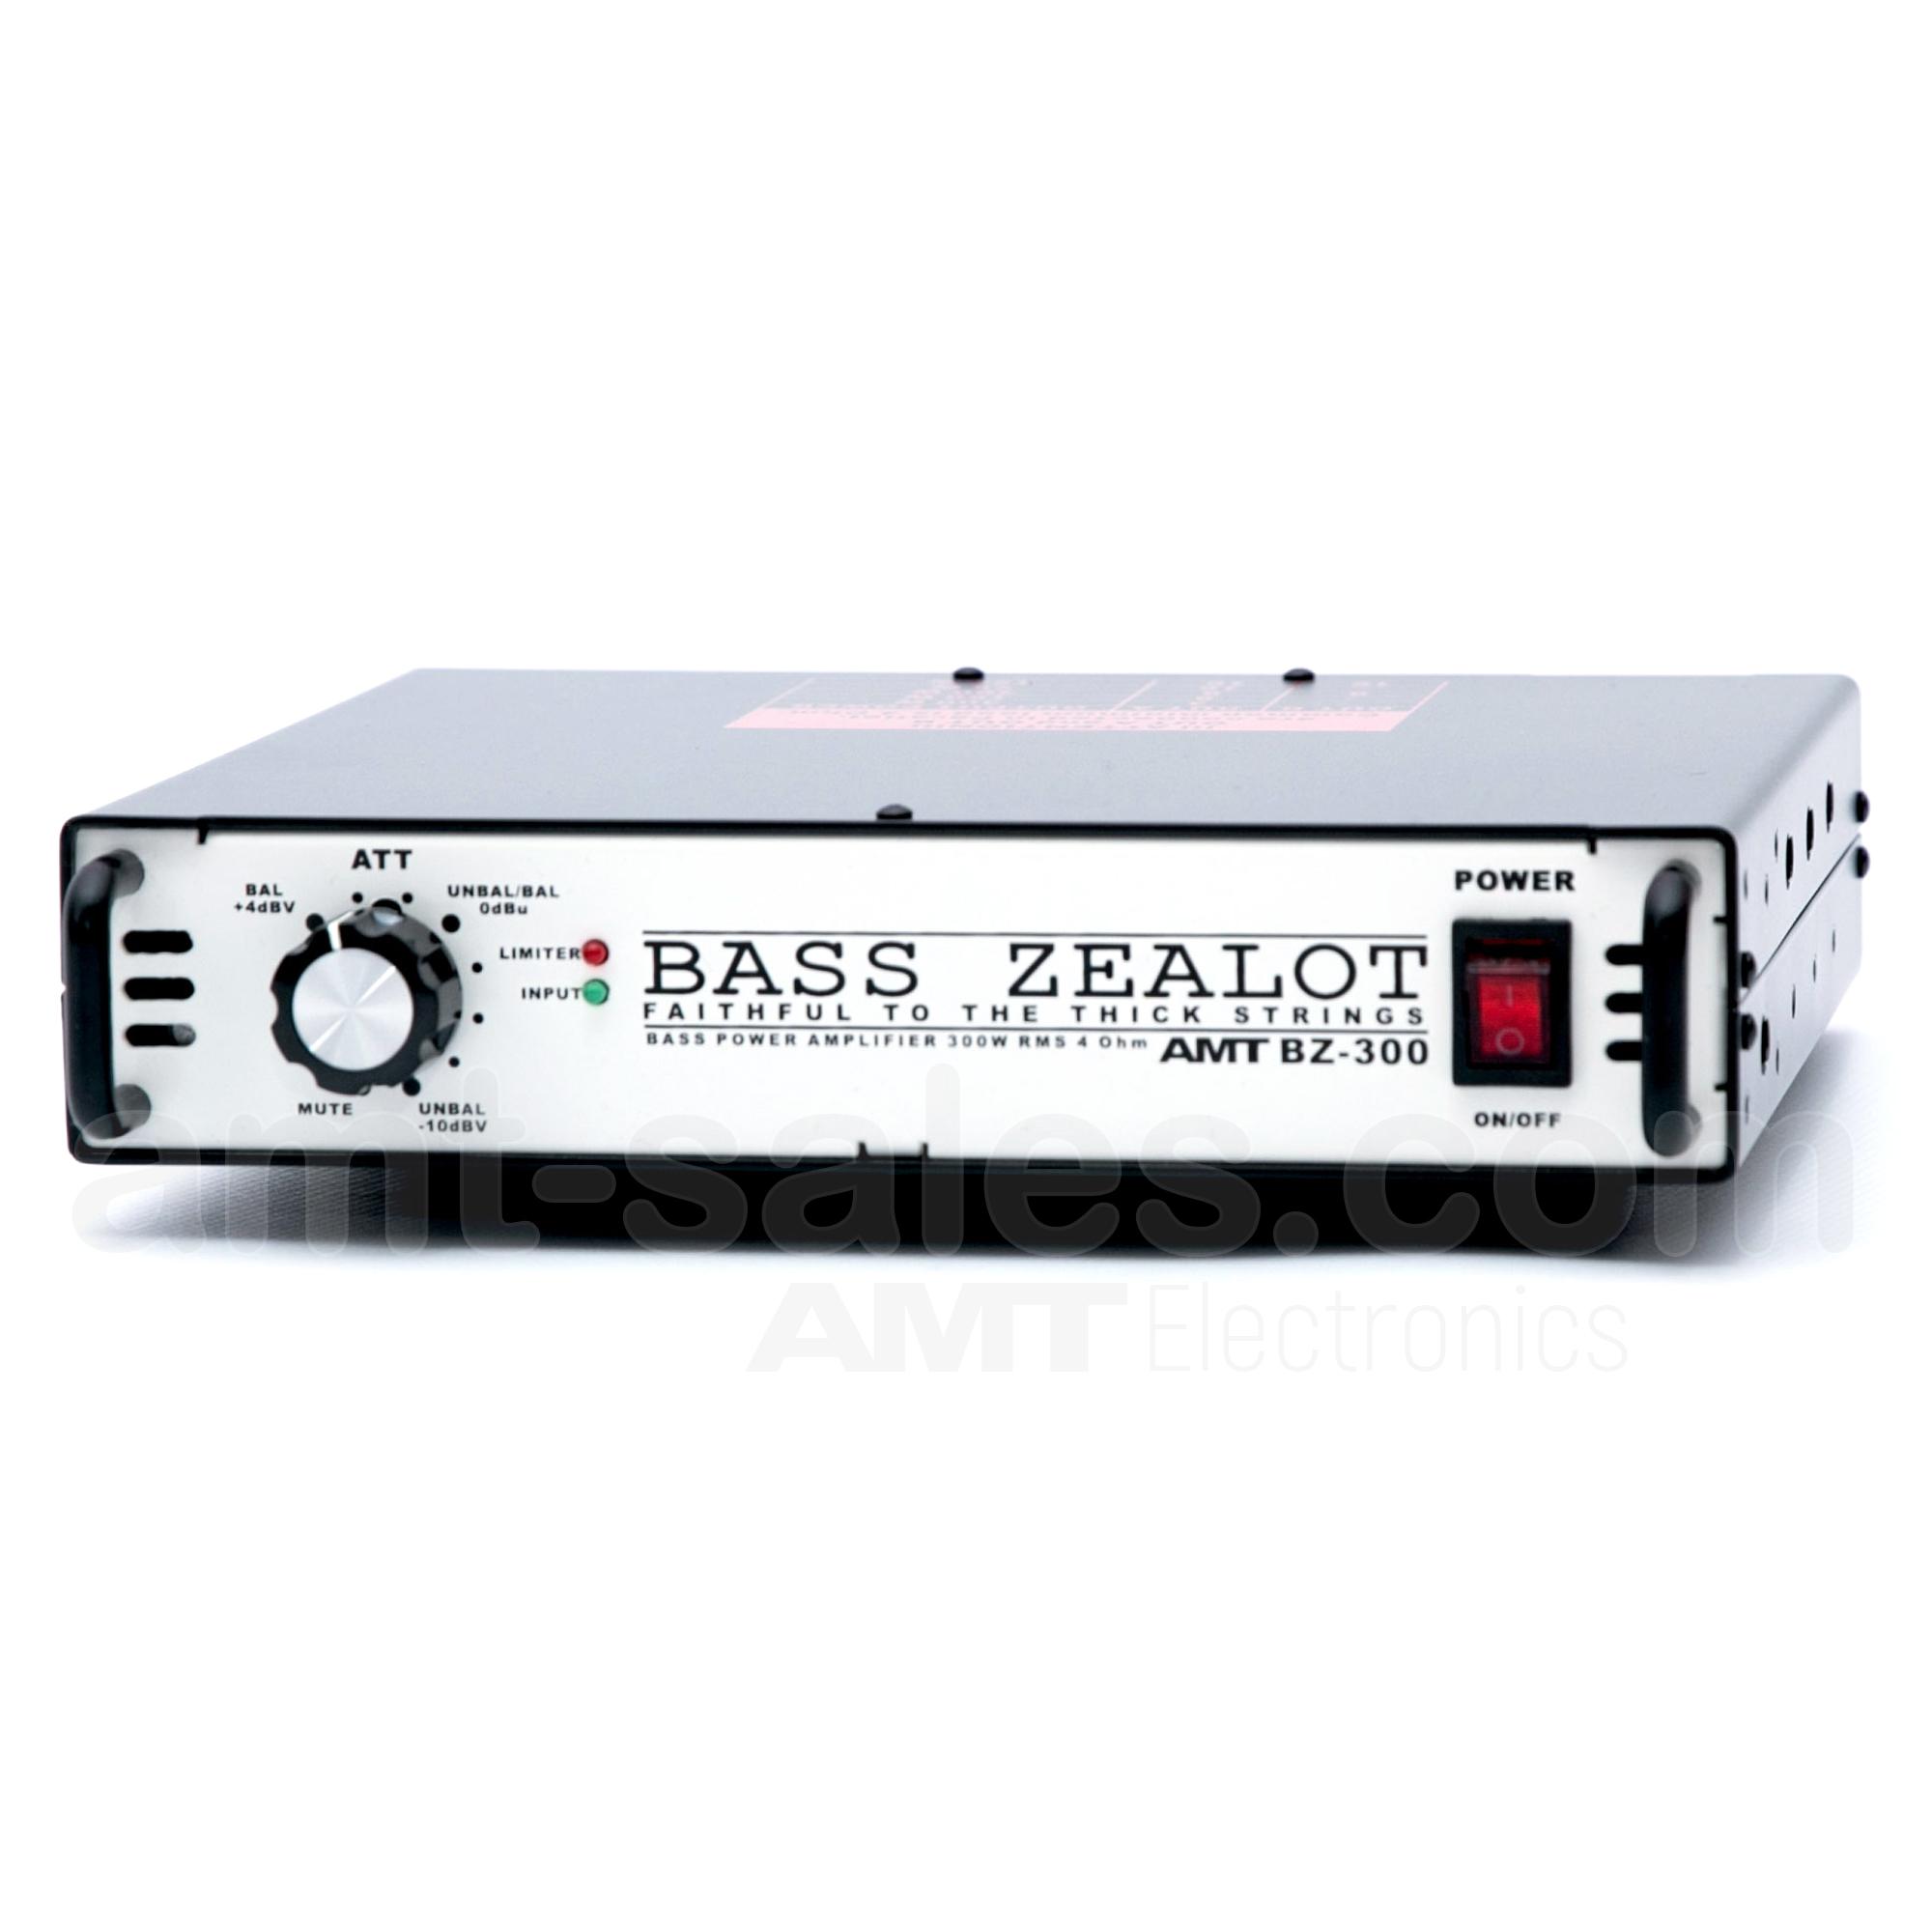 AMT Bass ZEALOT BZ-300 - Bass Power Amplifier